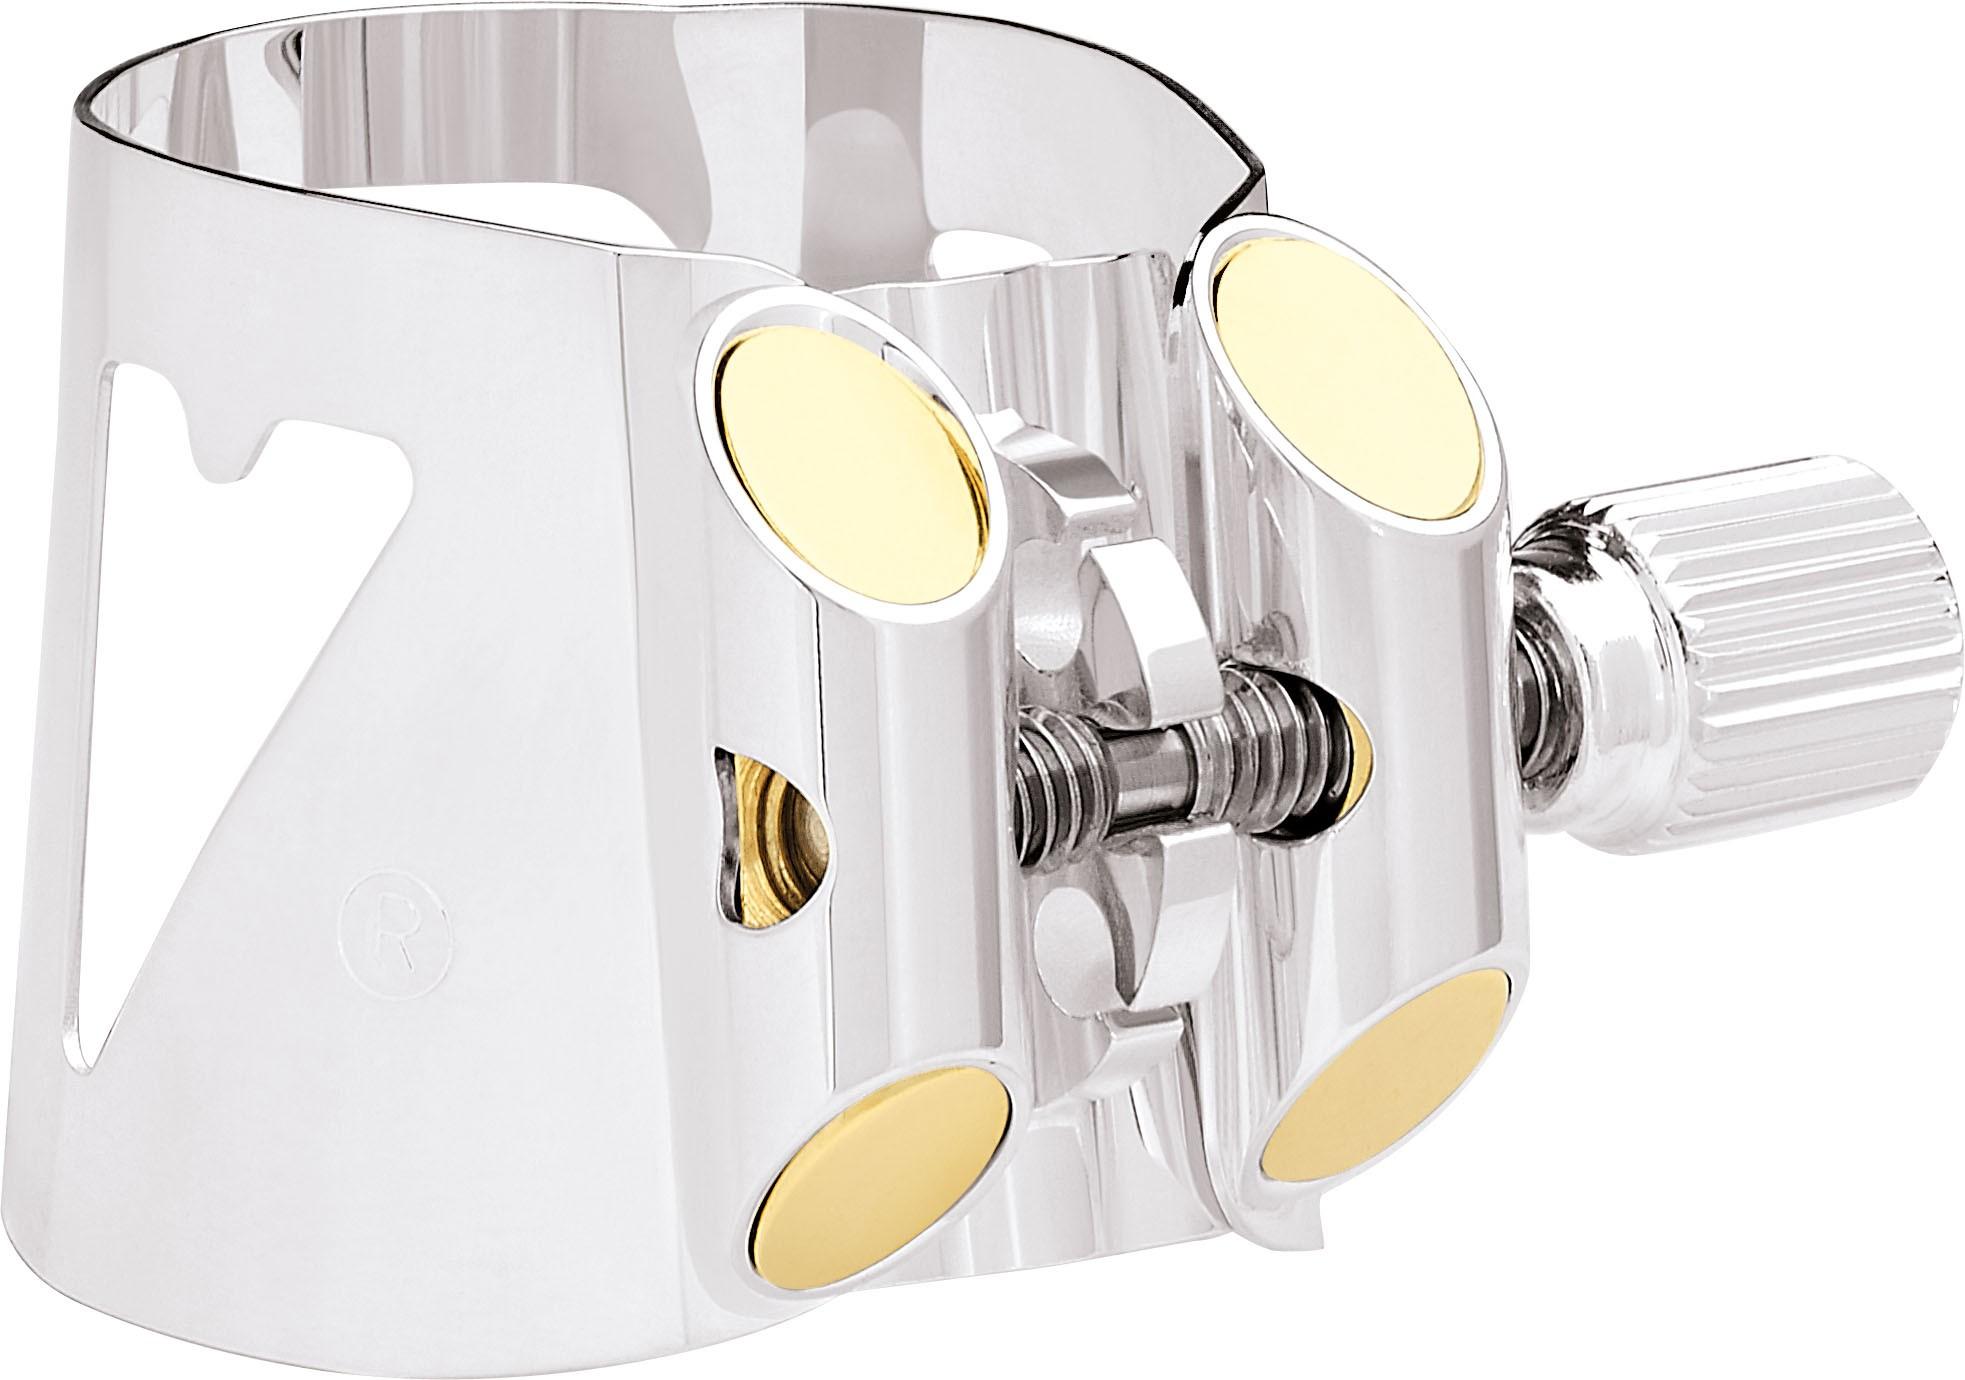 Vandoren Optimum Clarinet Ligatures & Caps